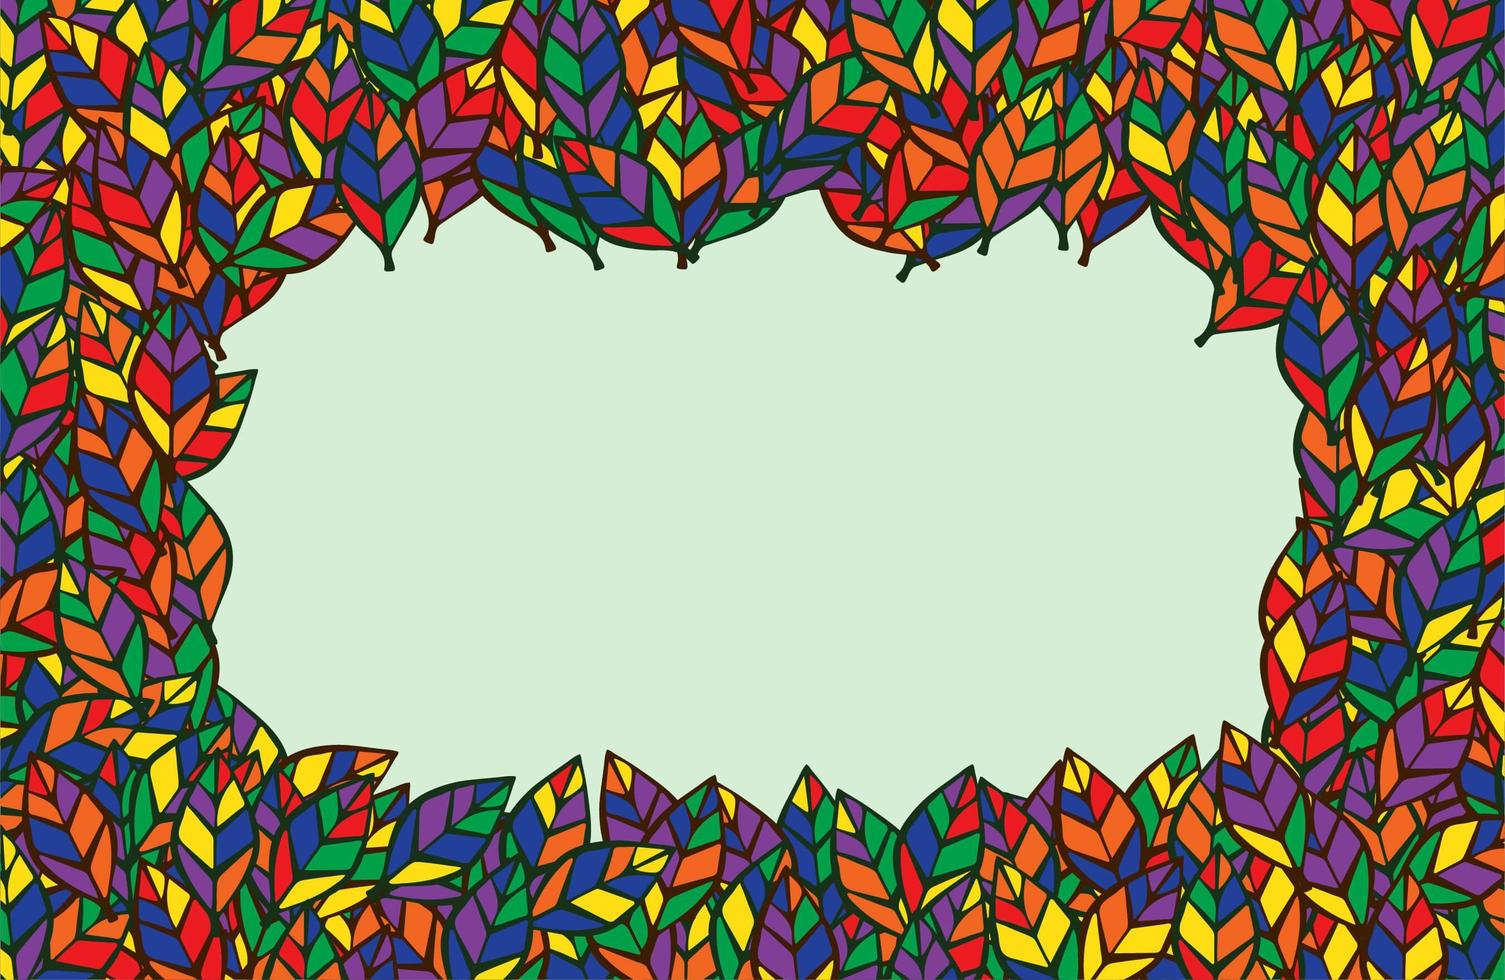 färgglada blad ram med kopia utrymme vektor